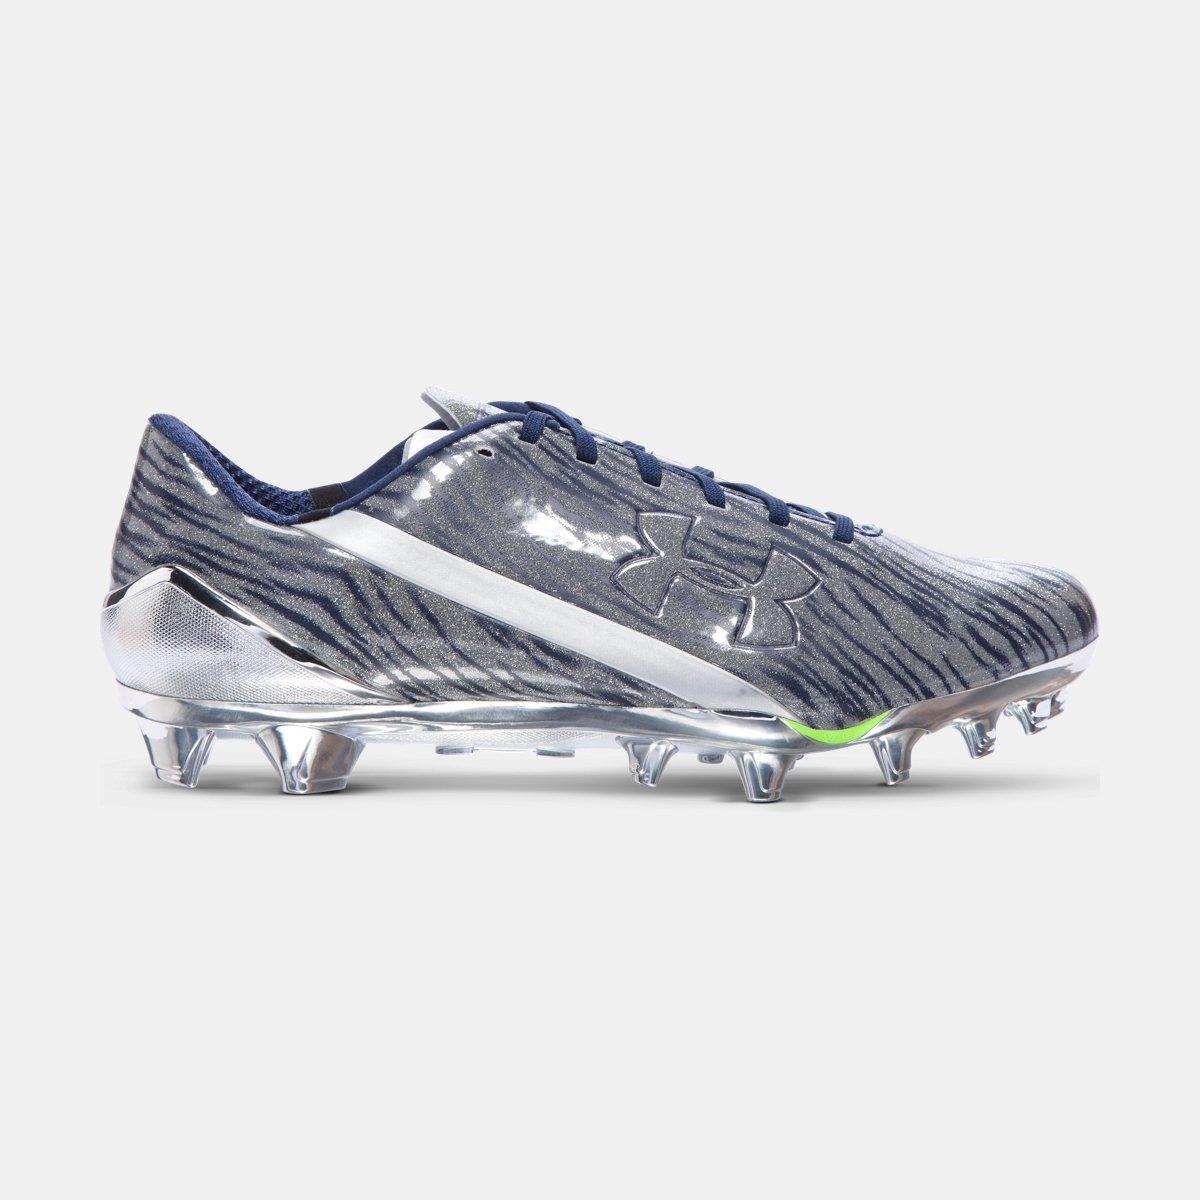 [アンダーアーマー] UNDER ARMOUR メンズ UA Spotlight Football Cleats カジュアル 16(34cm) [並行輸入品] B074WP7XK8